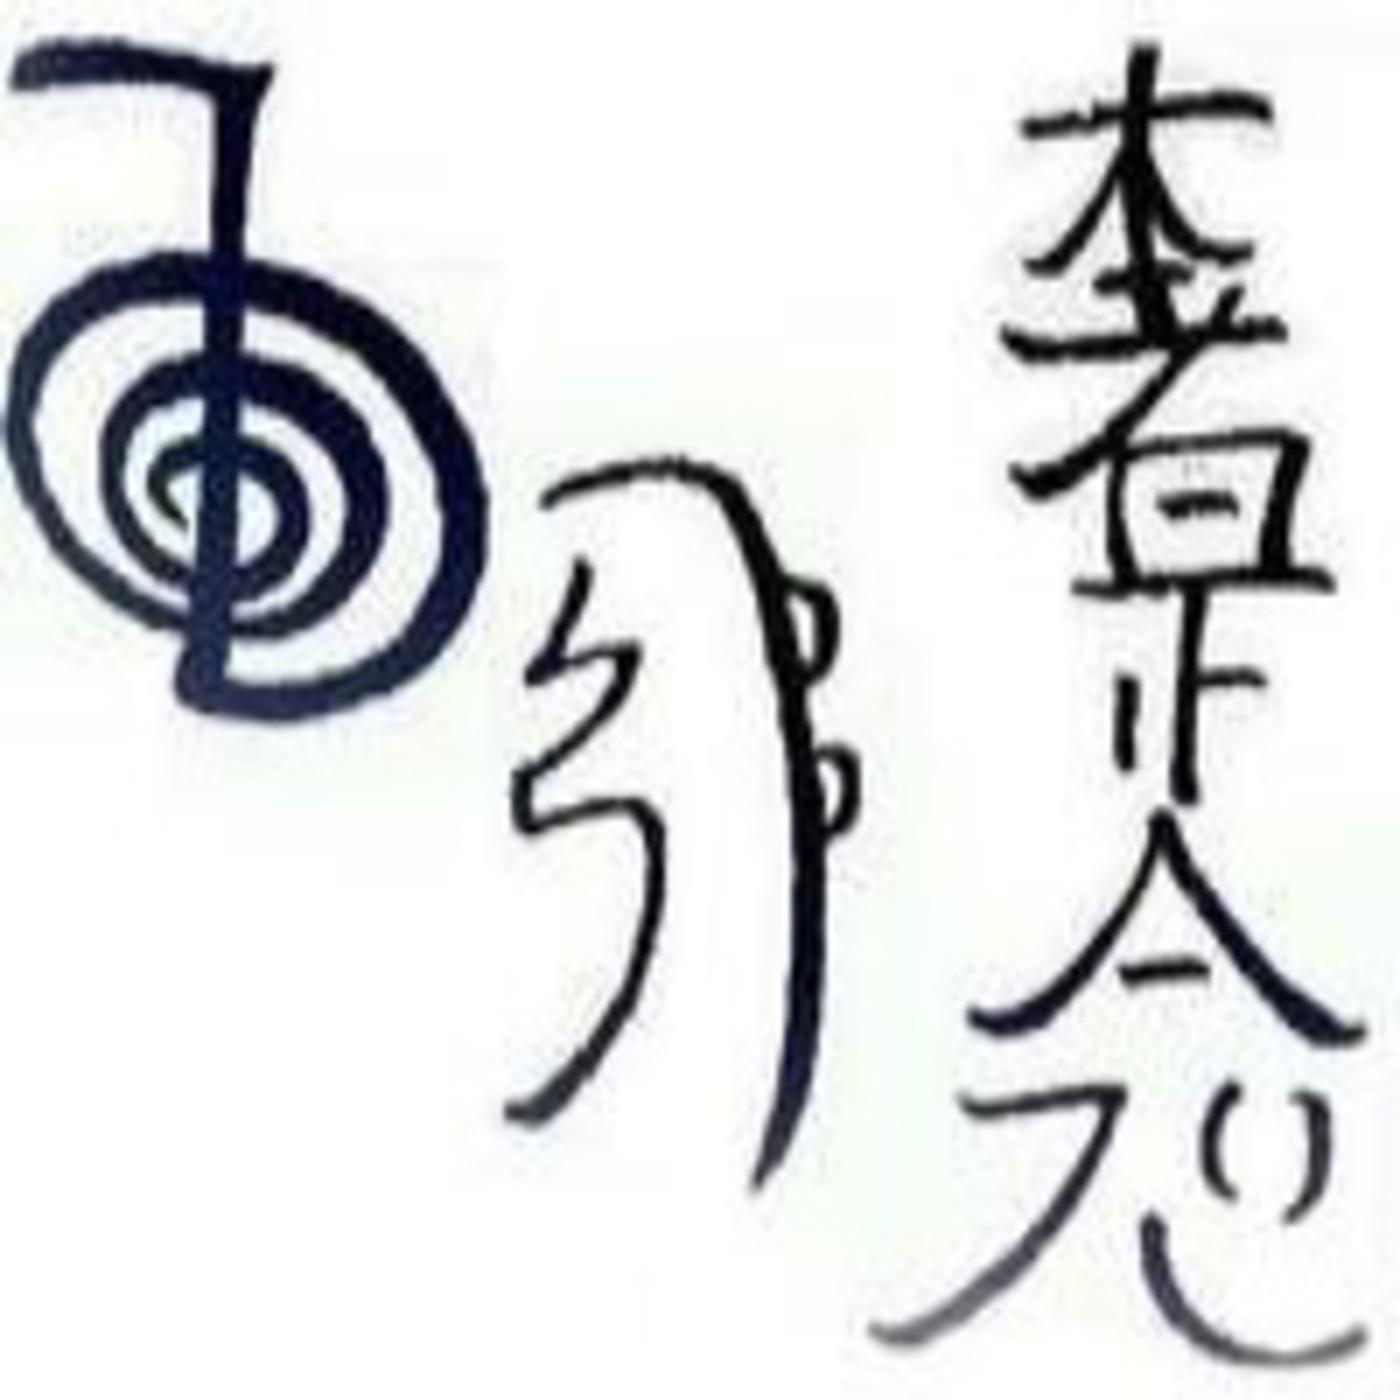 SÍMBOLOS DE REIKI musica para armonizar de tres símbolos